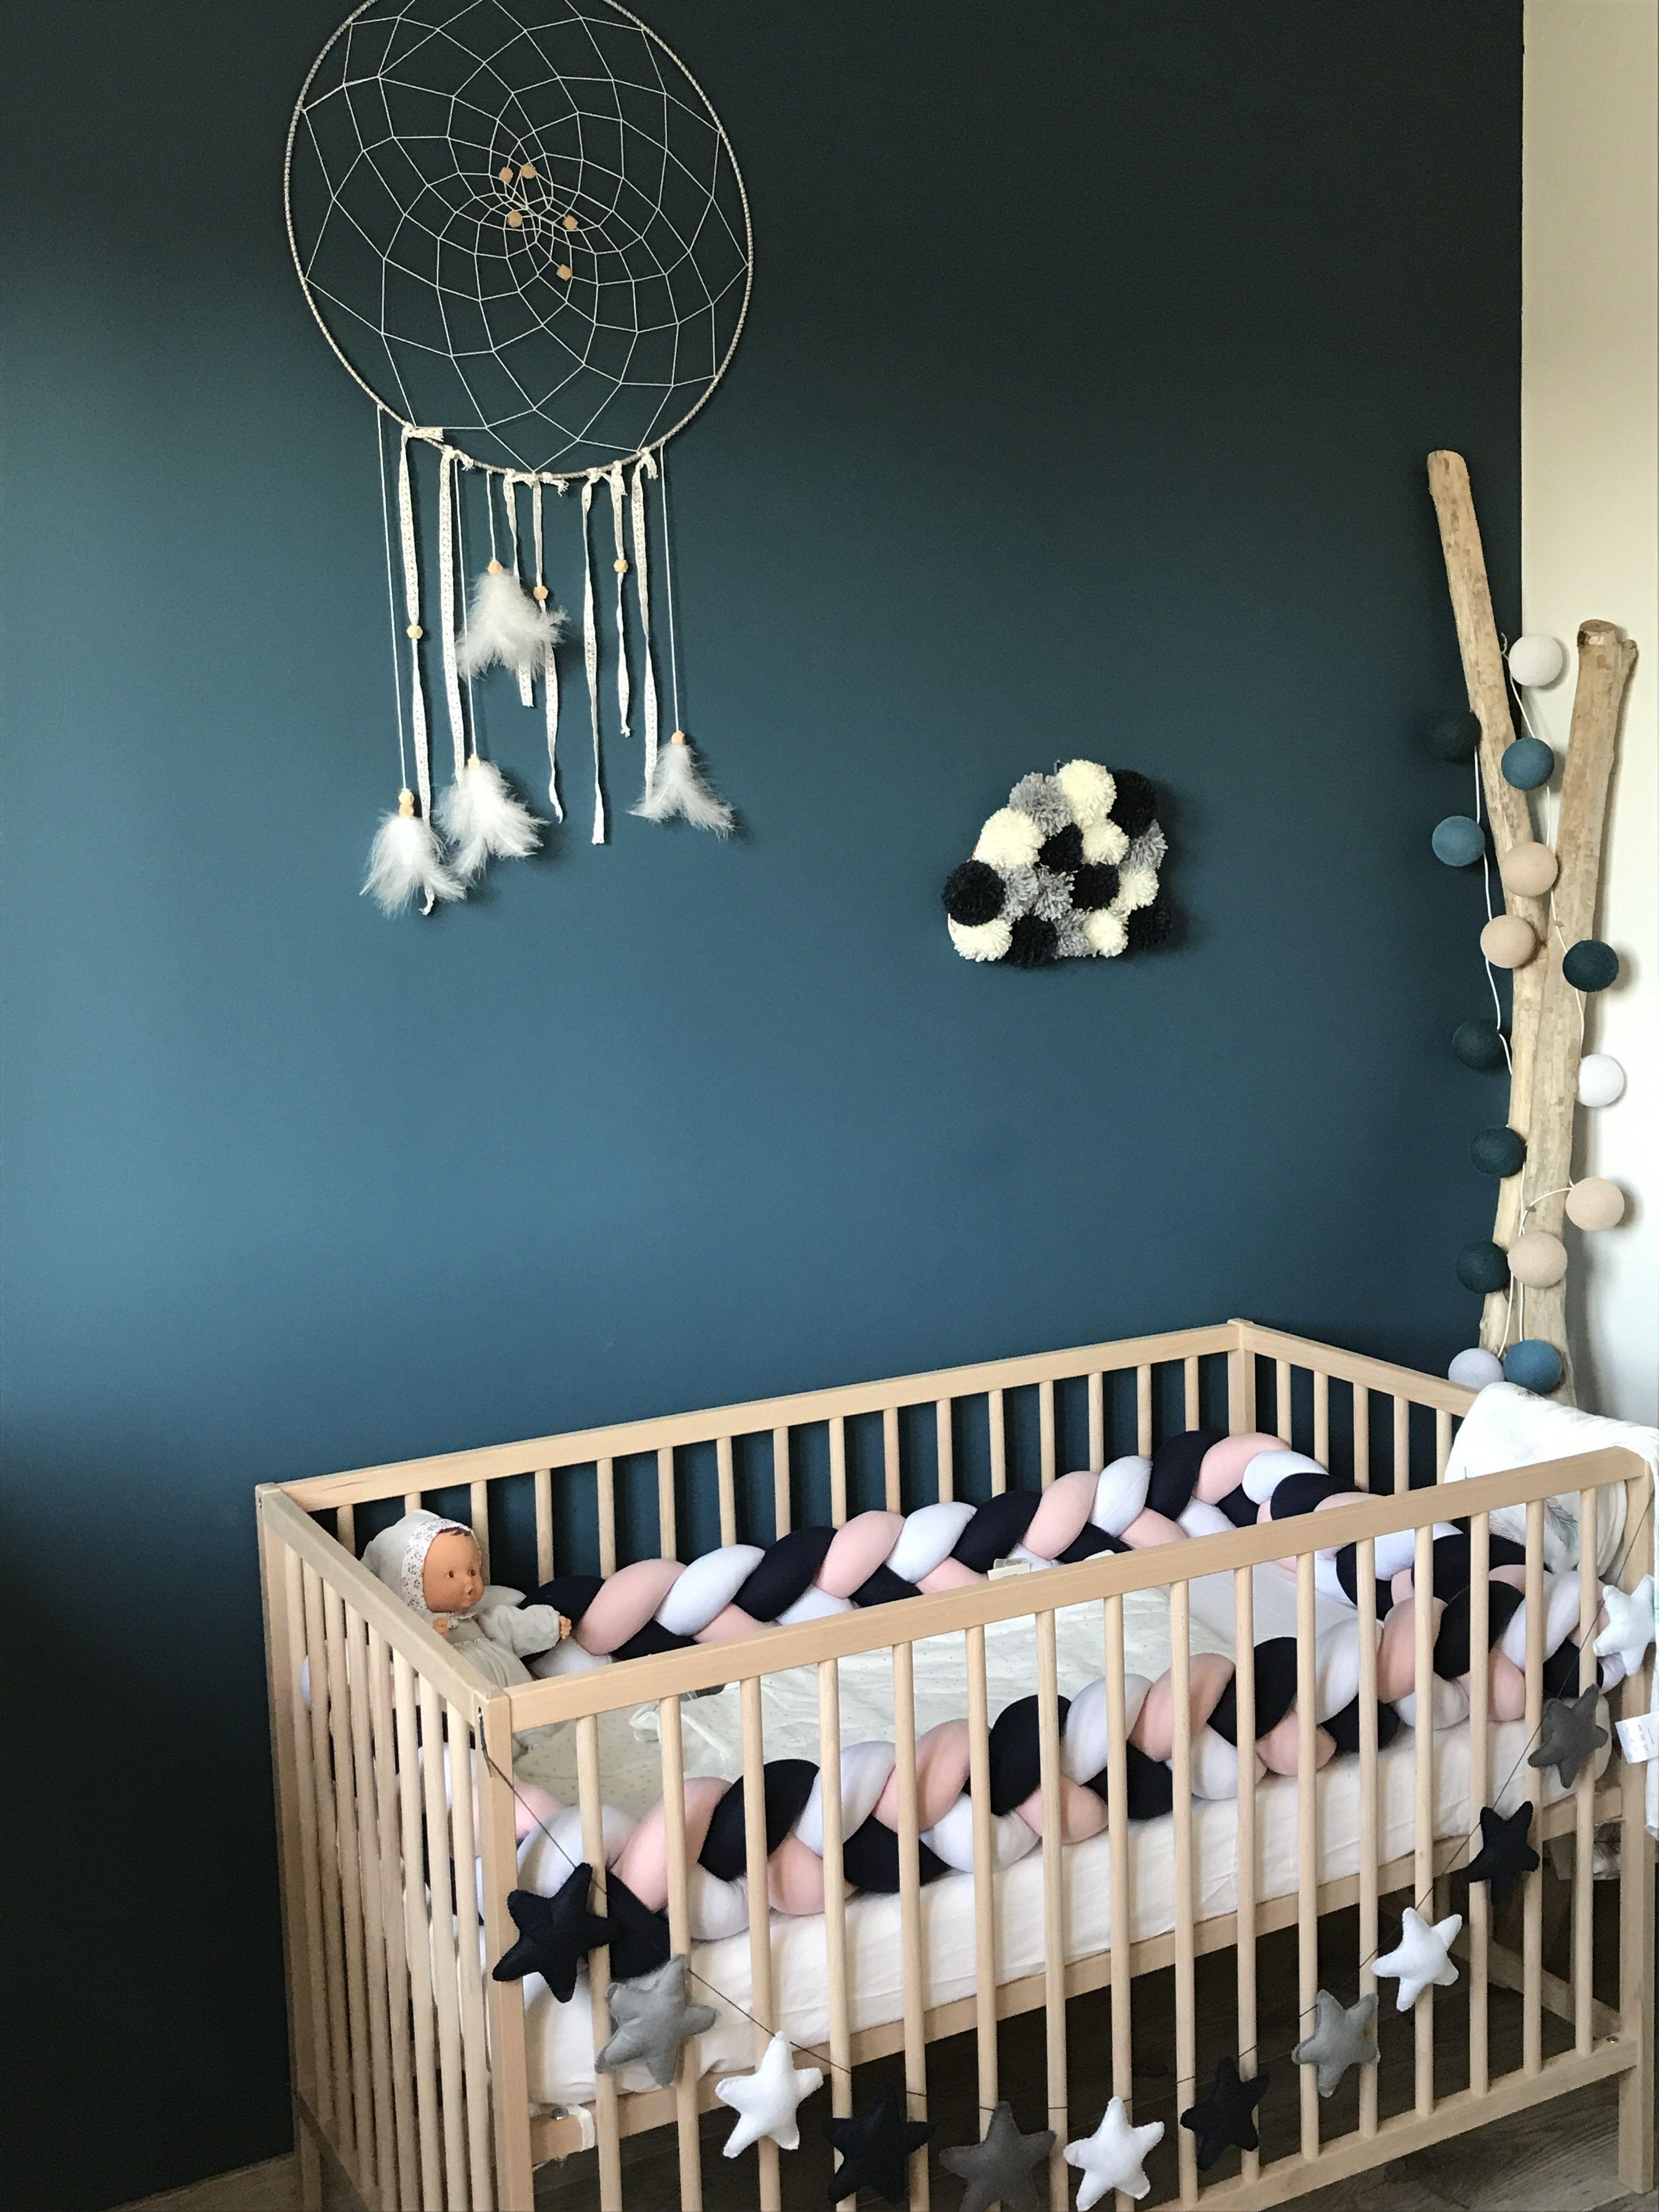 lit chambre b b diy attrape r ve bois flott tour de. Black Bedroom Furniture Sets. Home Design Ideas